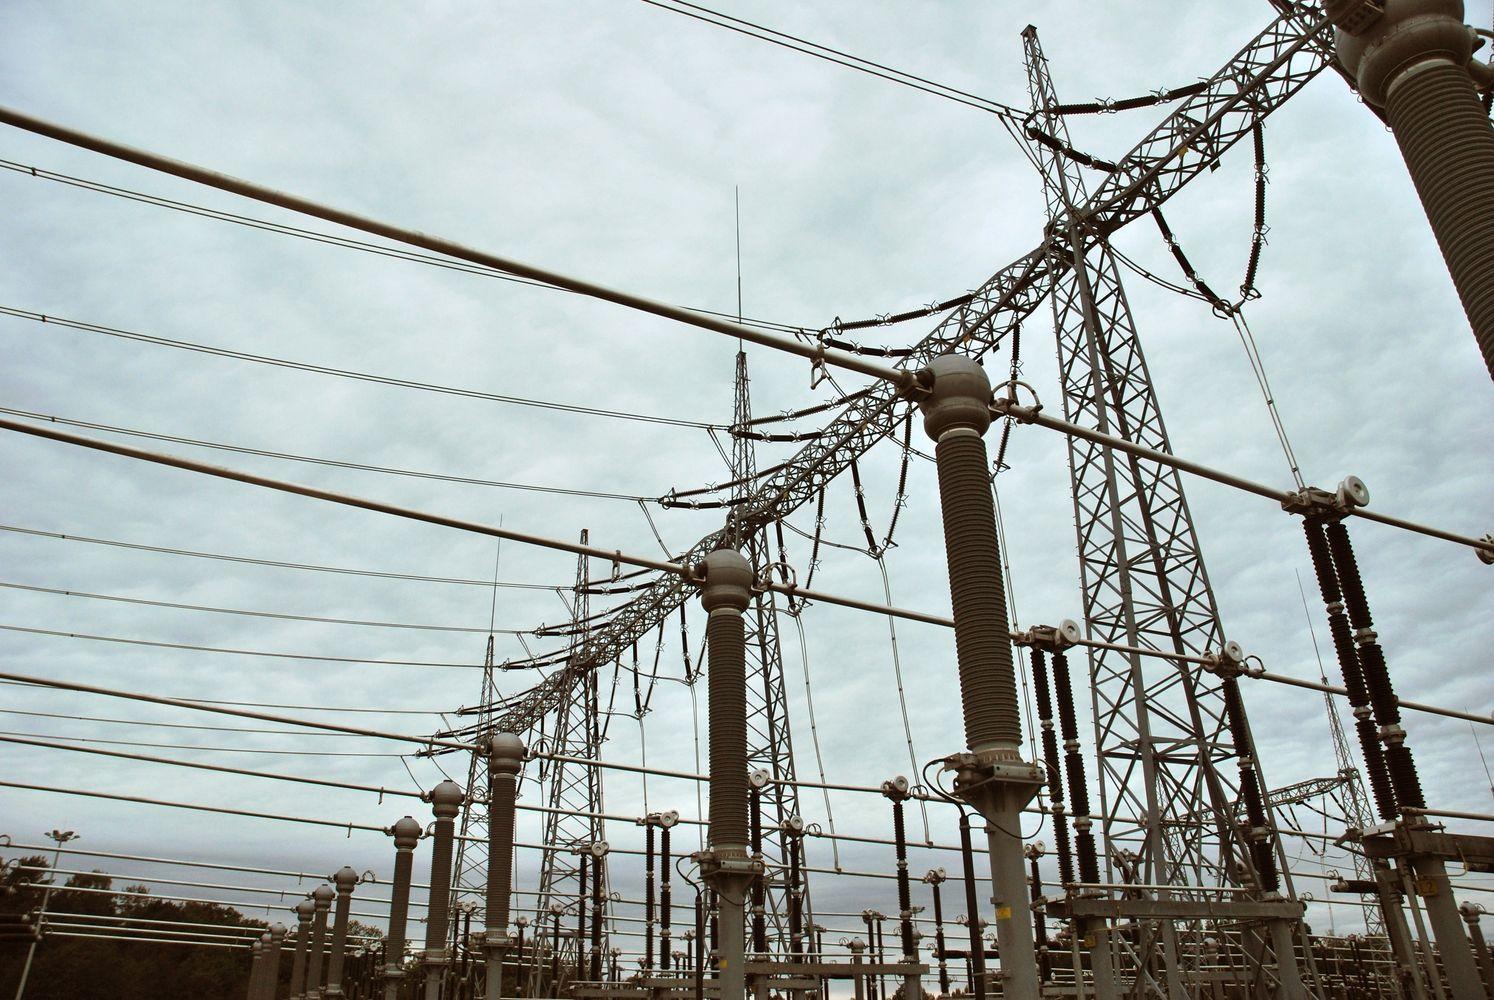 Lietuvą ragina kurti išmanius miestus irelektros tinklus